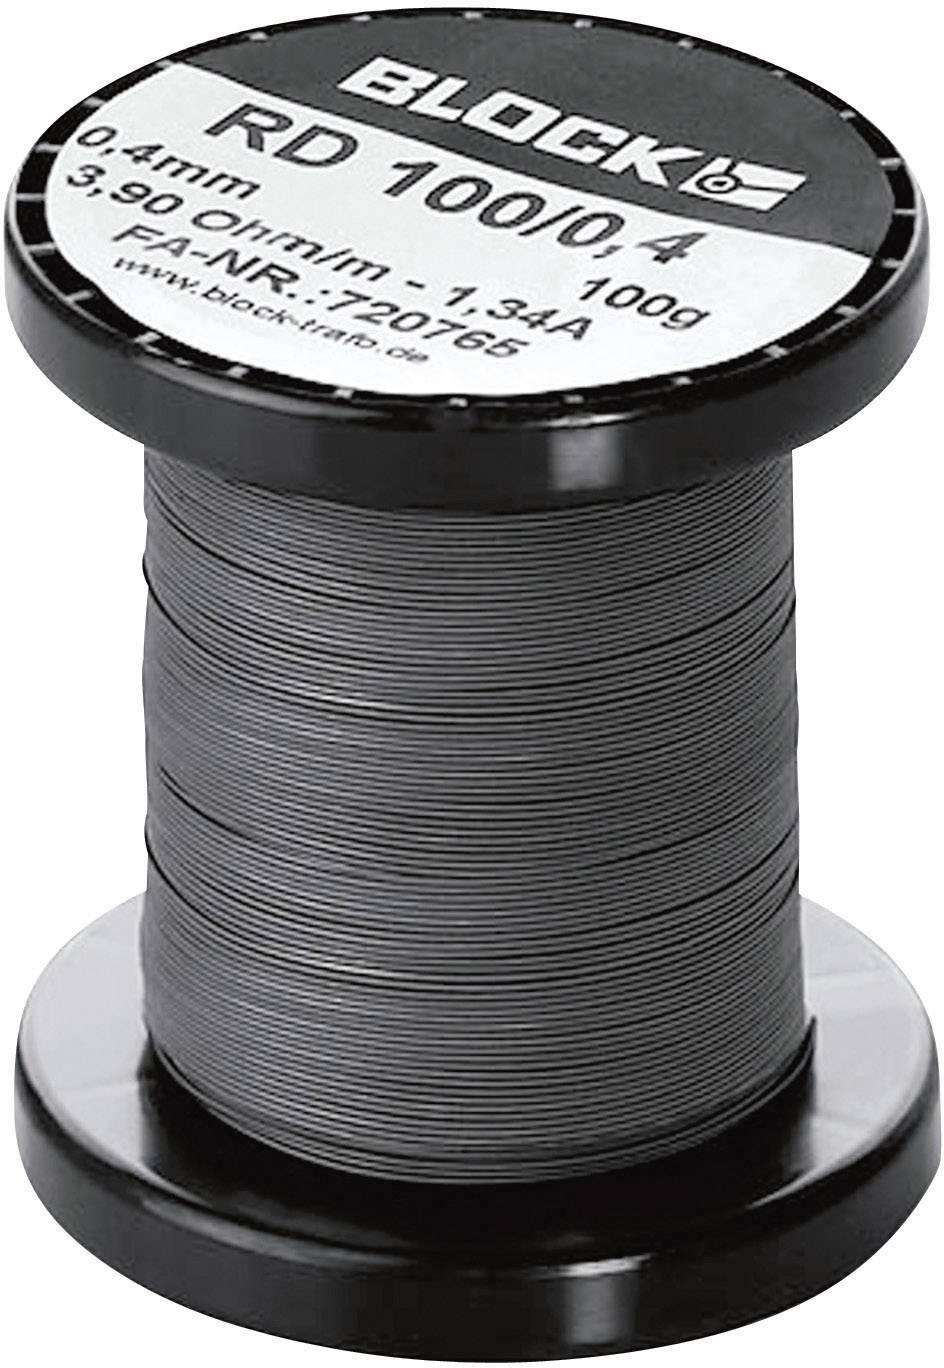 Odporový drôt Block RD 100/2,0, 0.156 Ω/m, 3.5 m